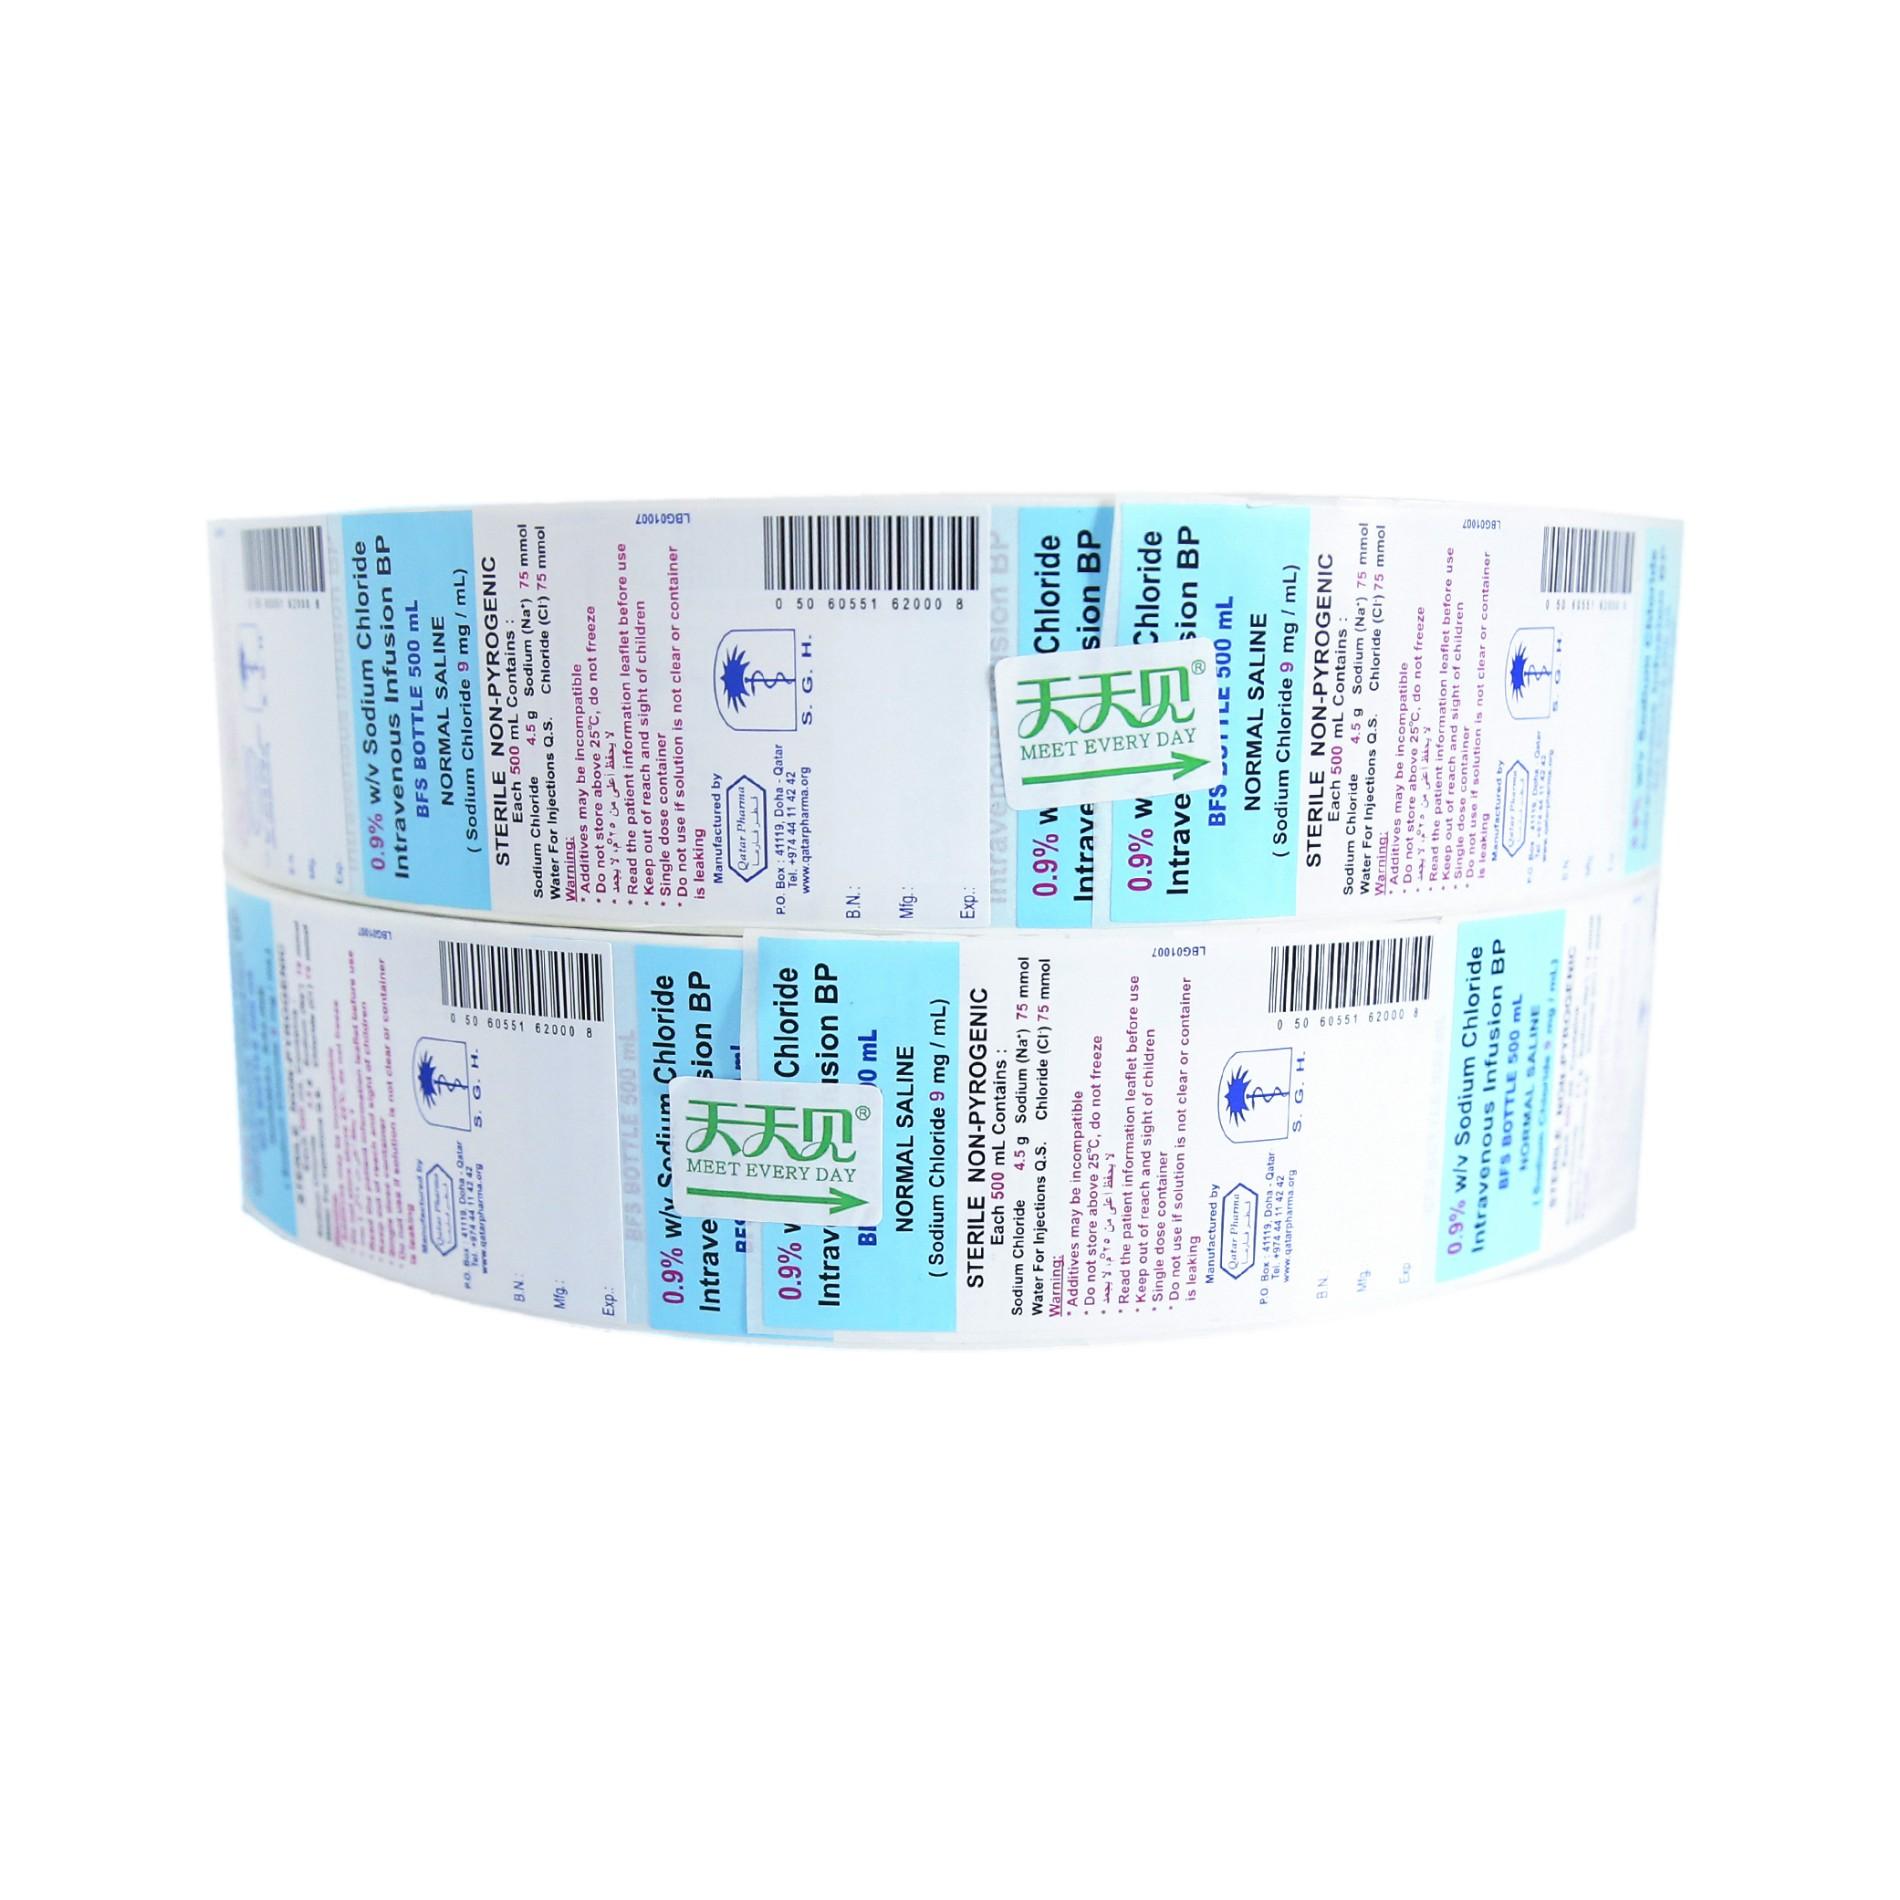 Pill bottle labels Manufacturers, Pill bottle labels Factory, Supply Pill bottle labels